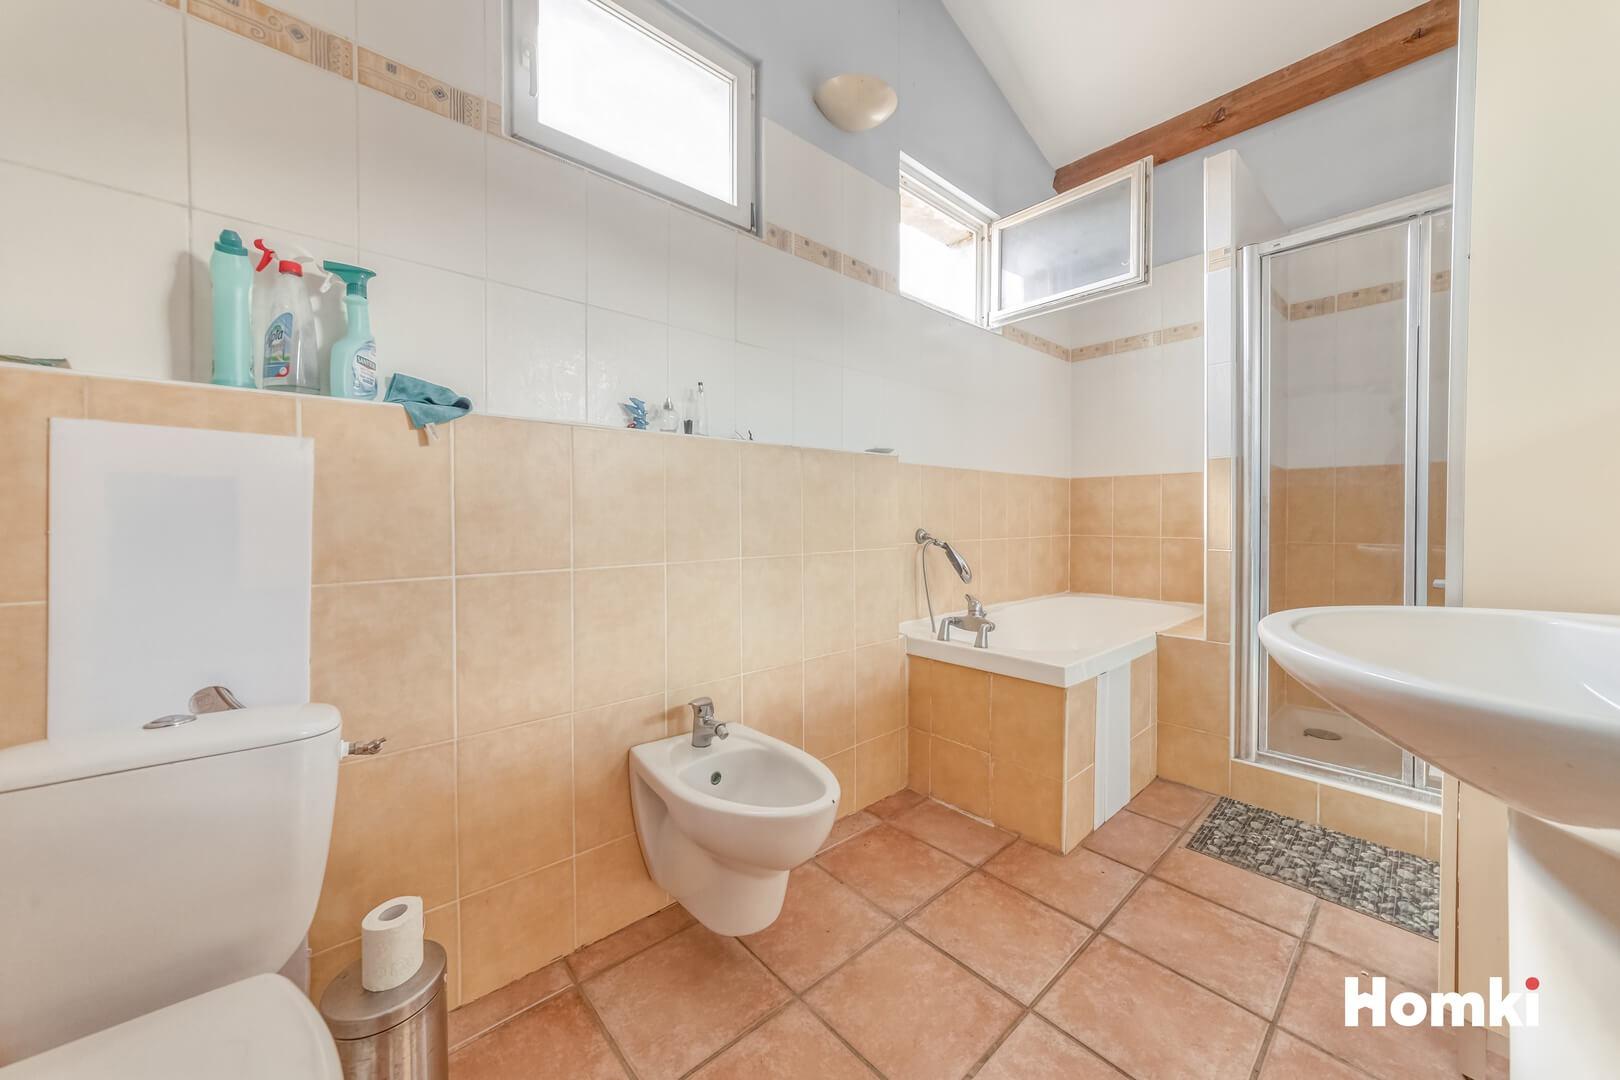 Homki - Vente Maison/villa  de 270.0 m² à Avèze 30120